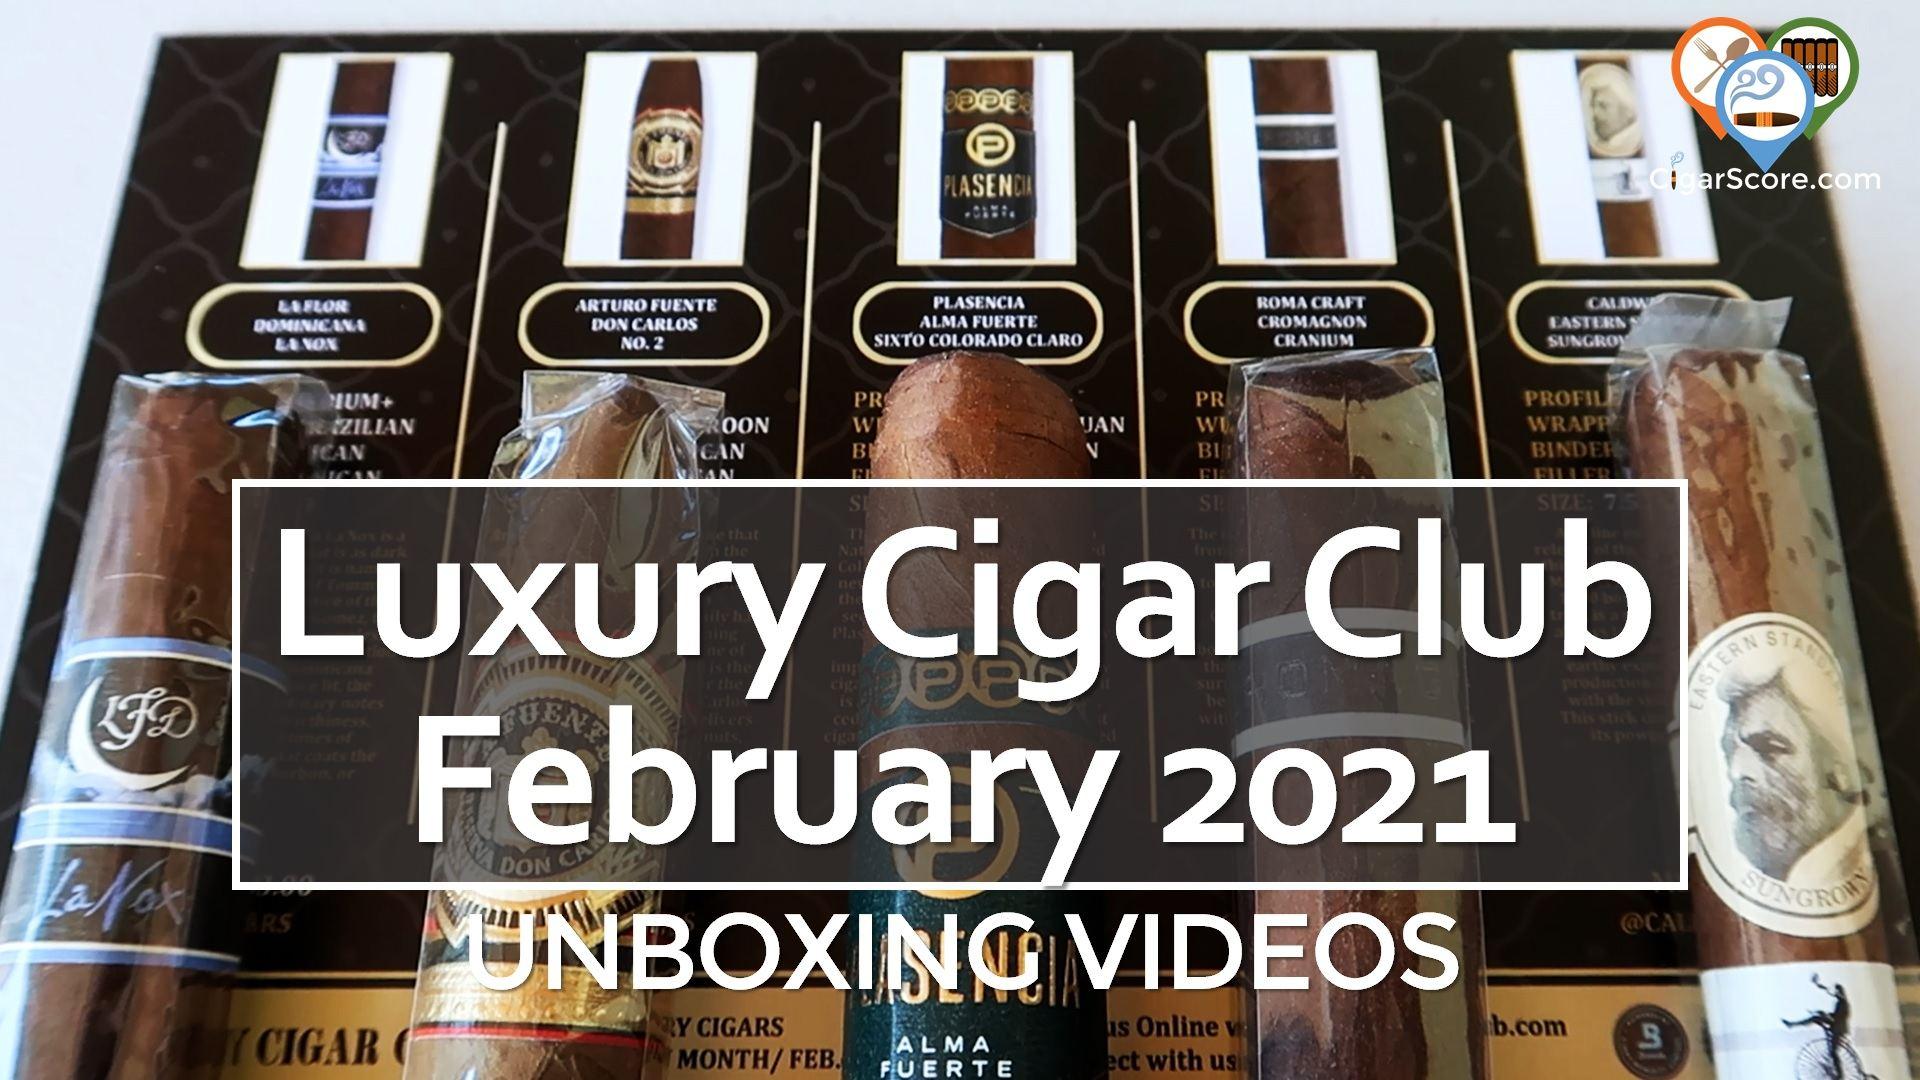 UNBOXING Luxury Cigar Club FEBRUARY 2021